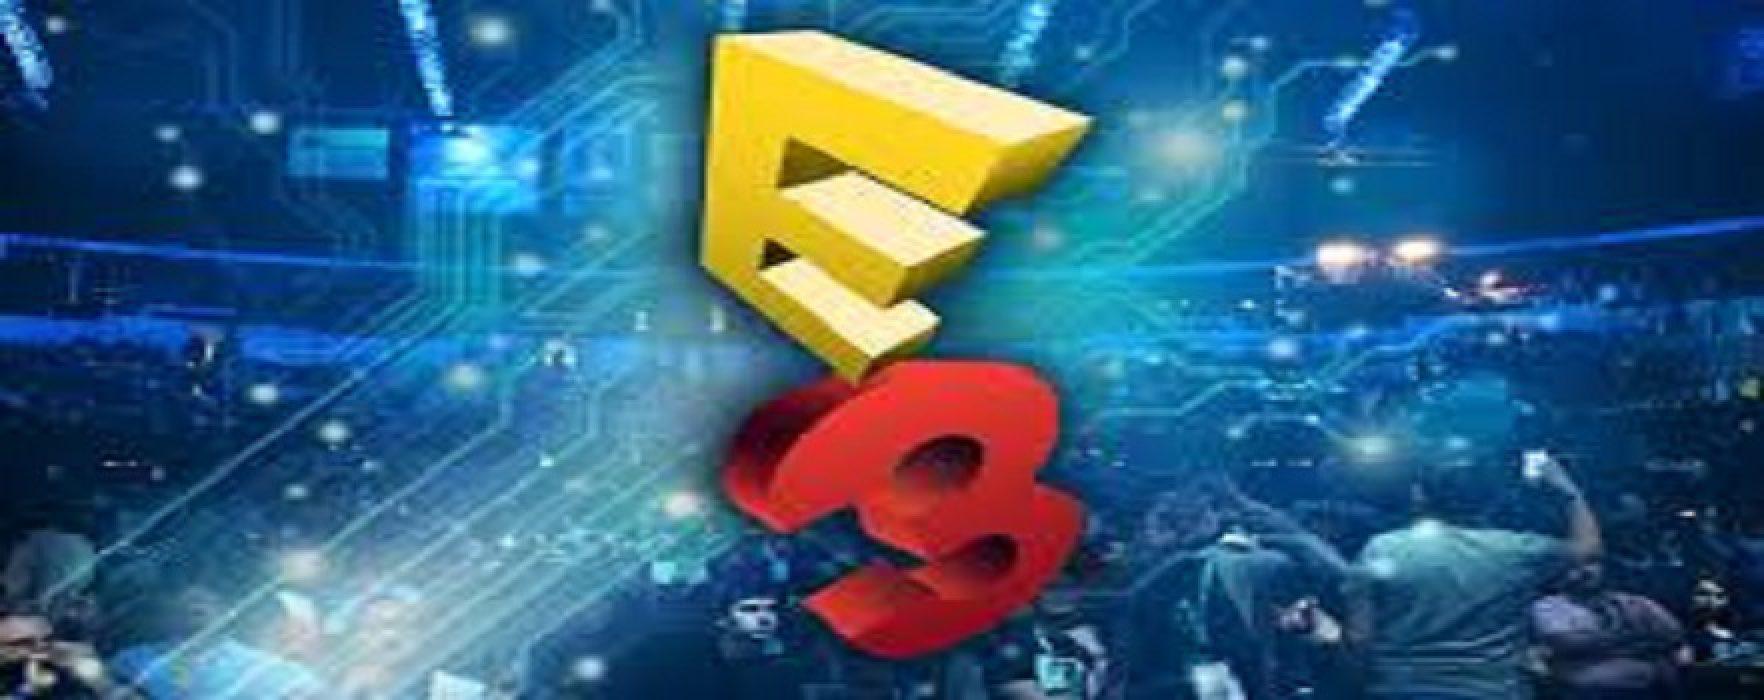 E3 2017 Saw Attendance Surge